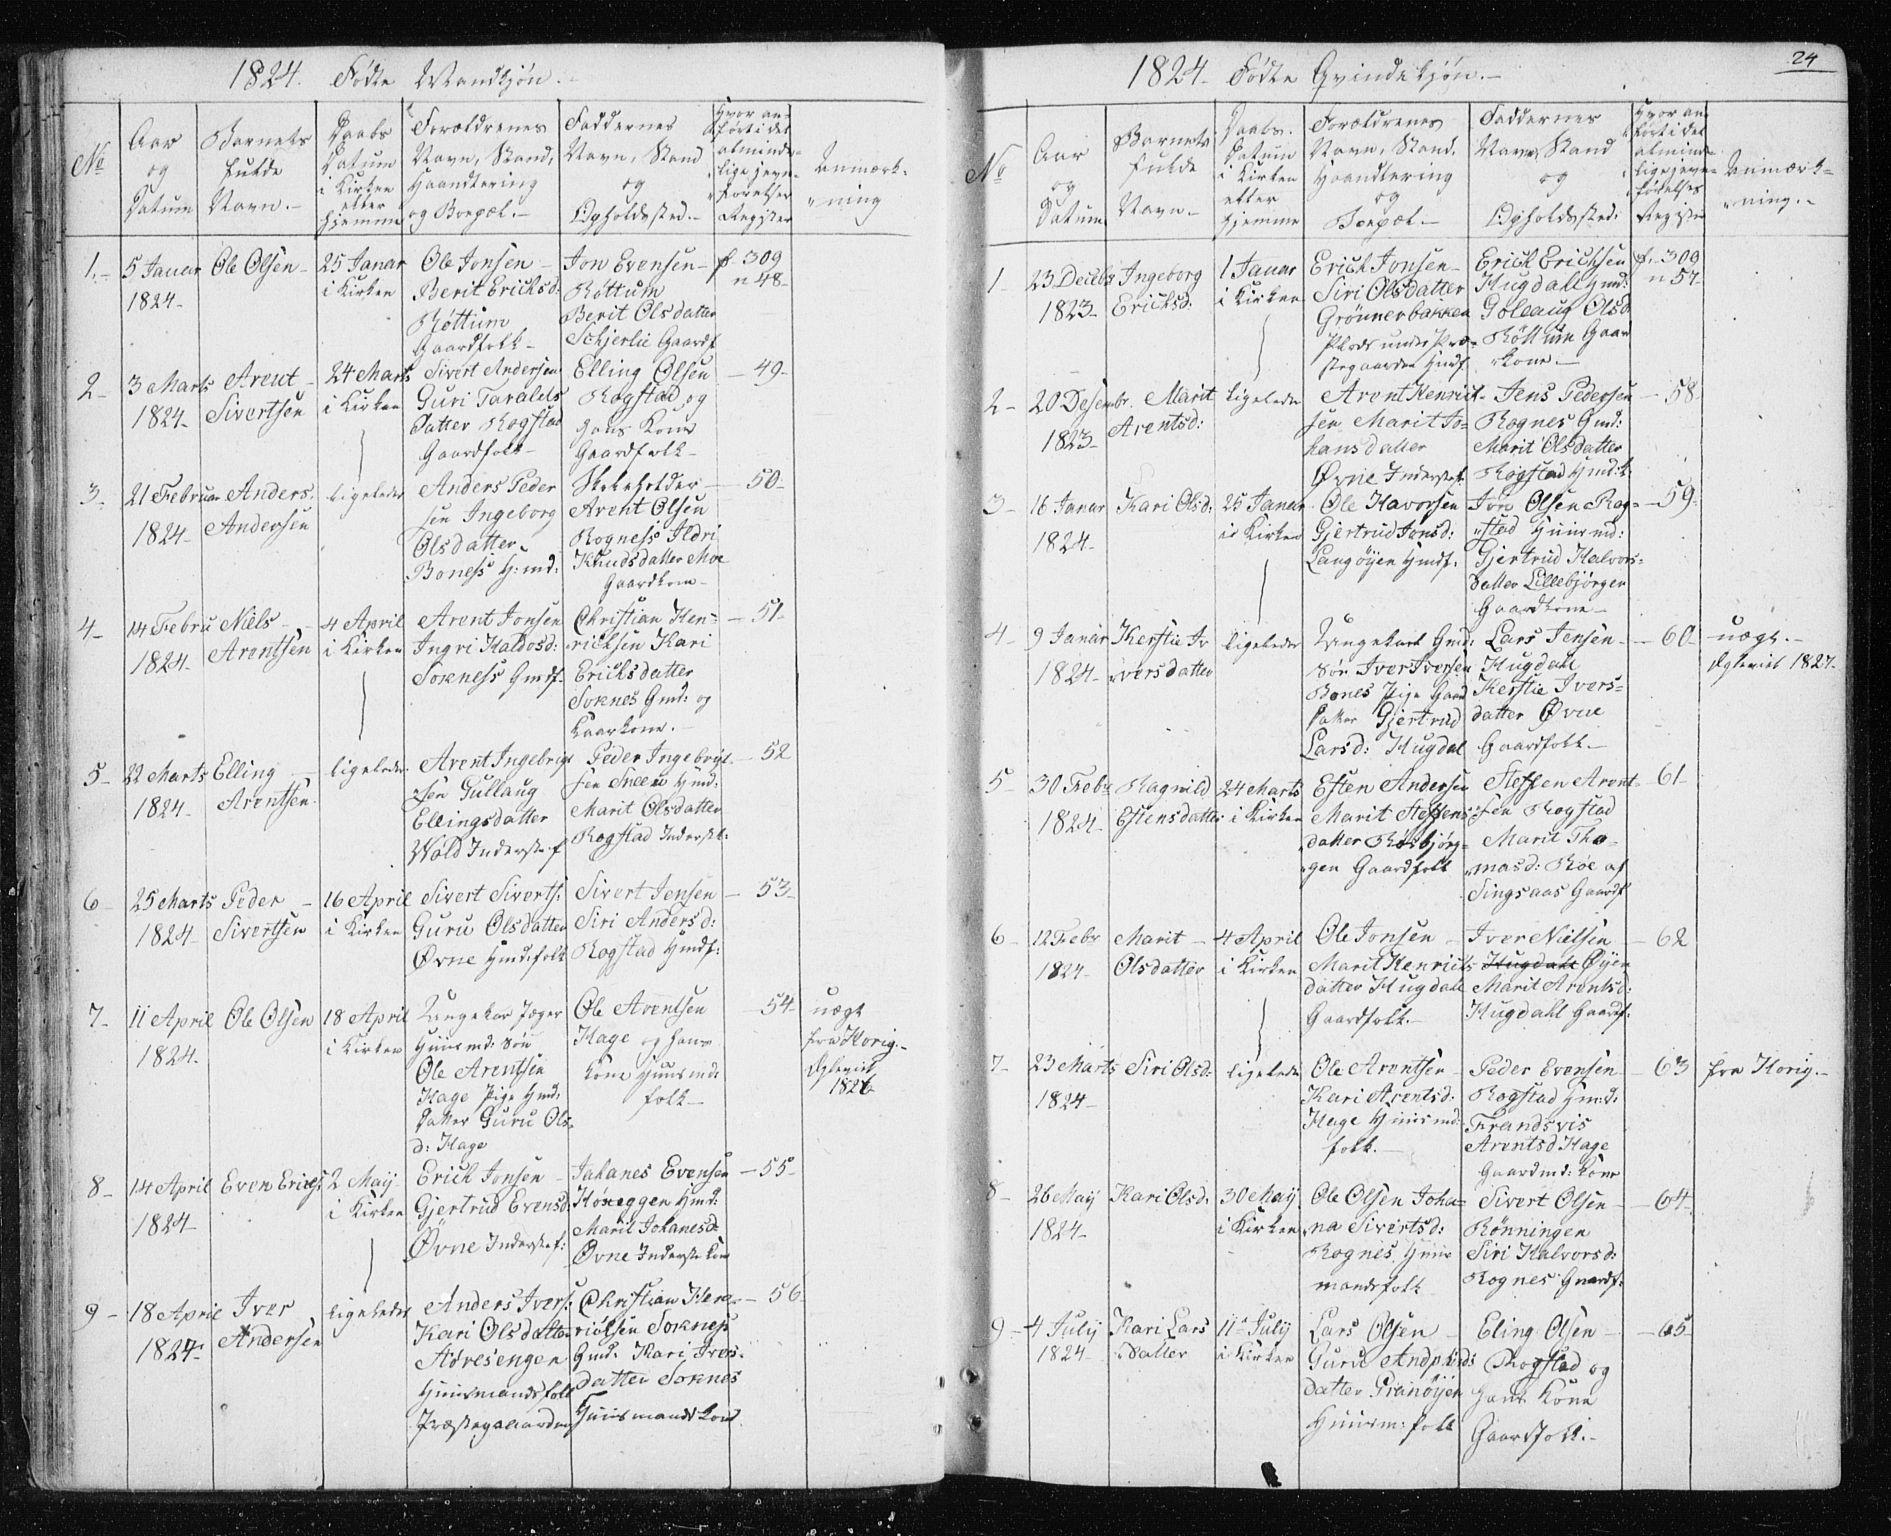 SAT, Ministerialprotokoller, klokkerbøker og fødselsregistre - Sør-Trøndelag, 687/L1017: Klokkerbok nr. 687C01, 1816-1837, s. 24